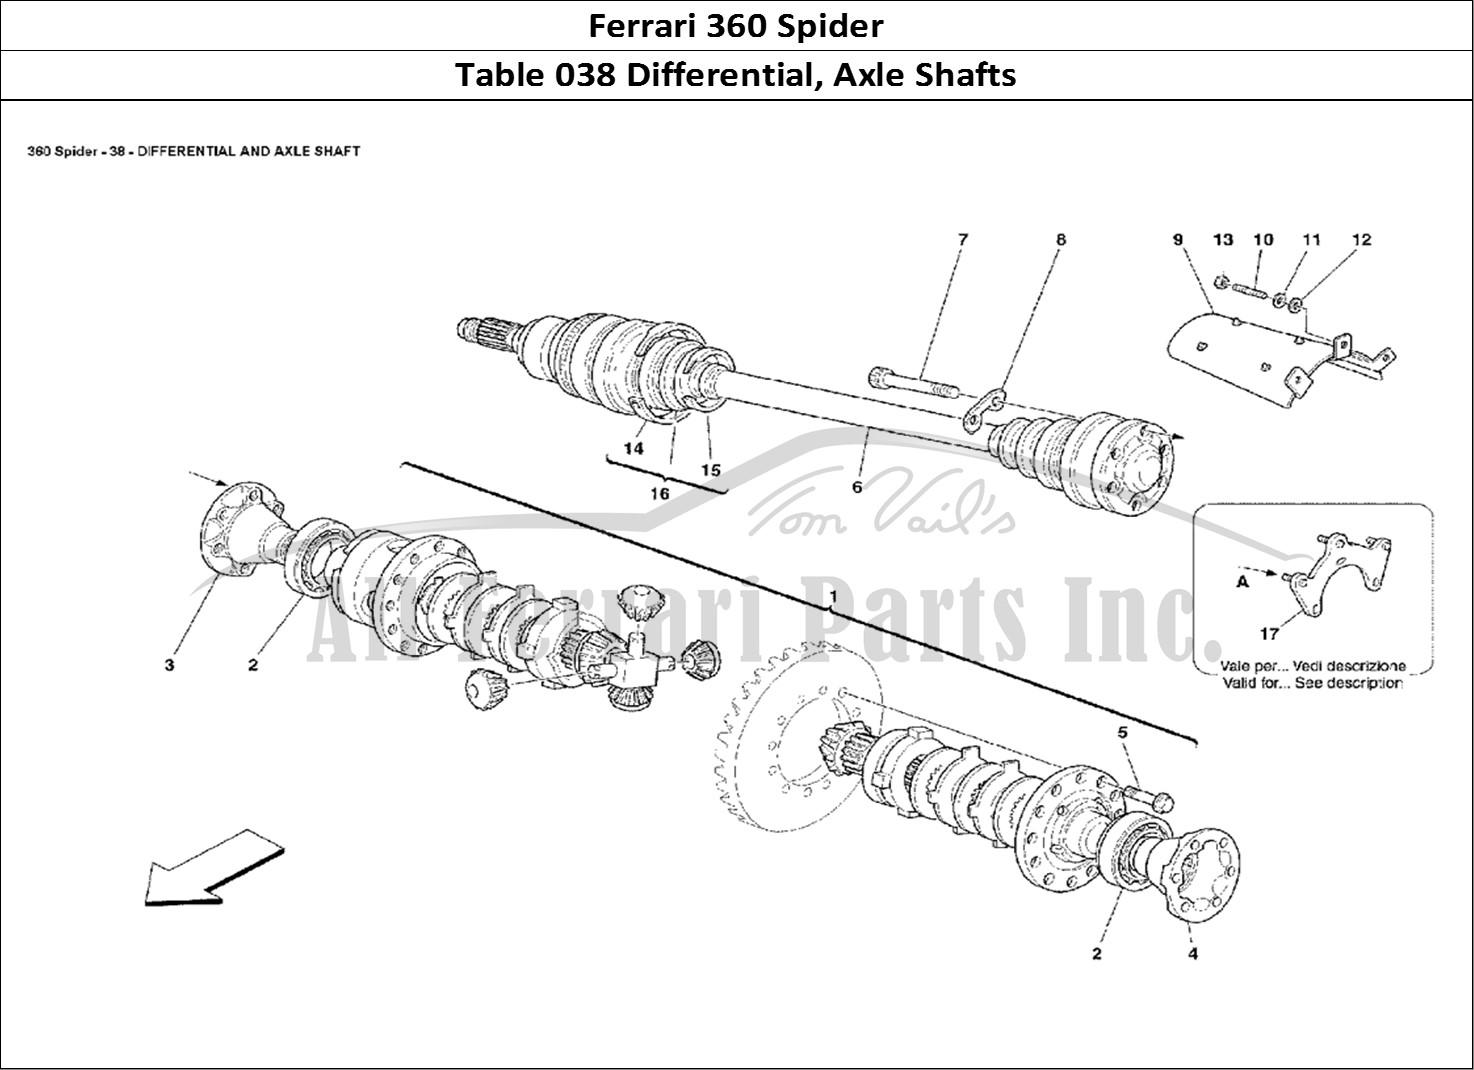 Buy original Ferrari 360 Spider 038 Differential, Axle